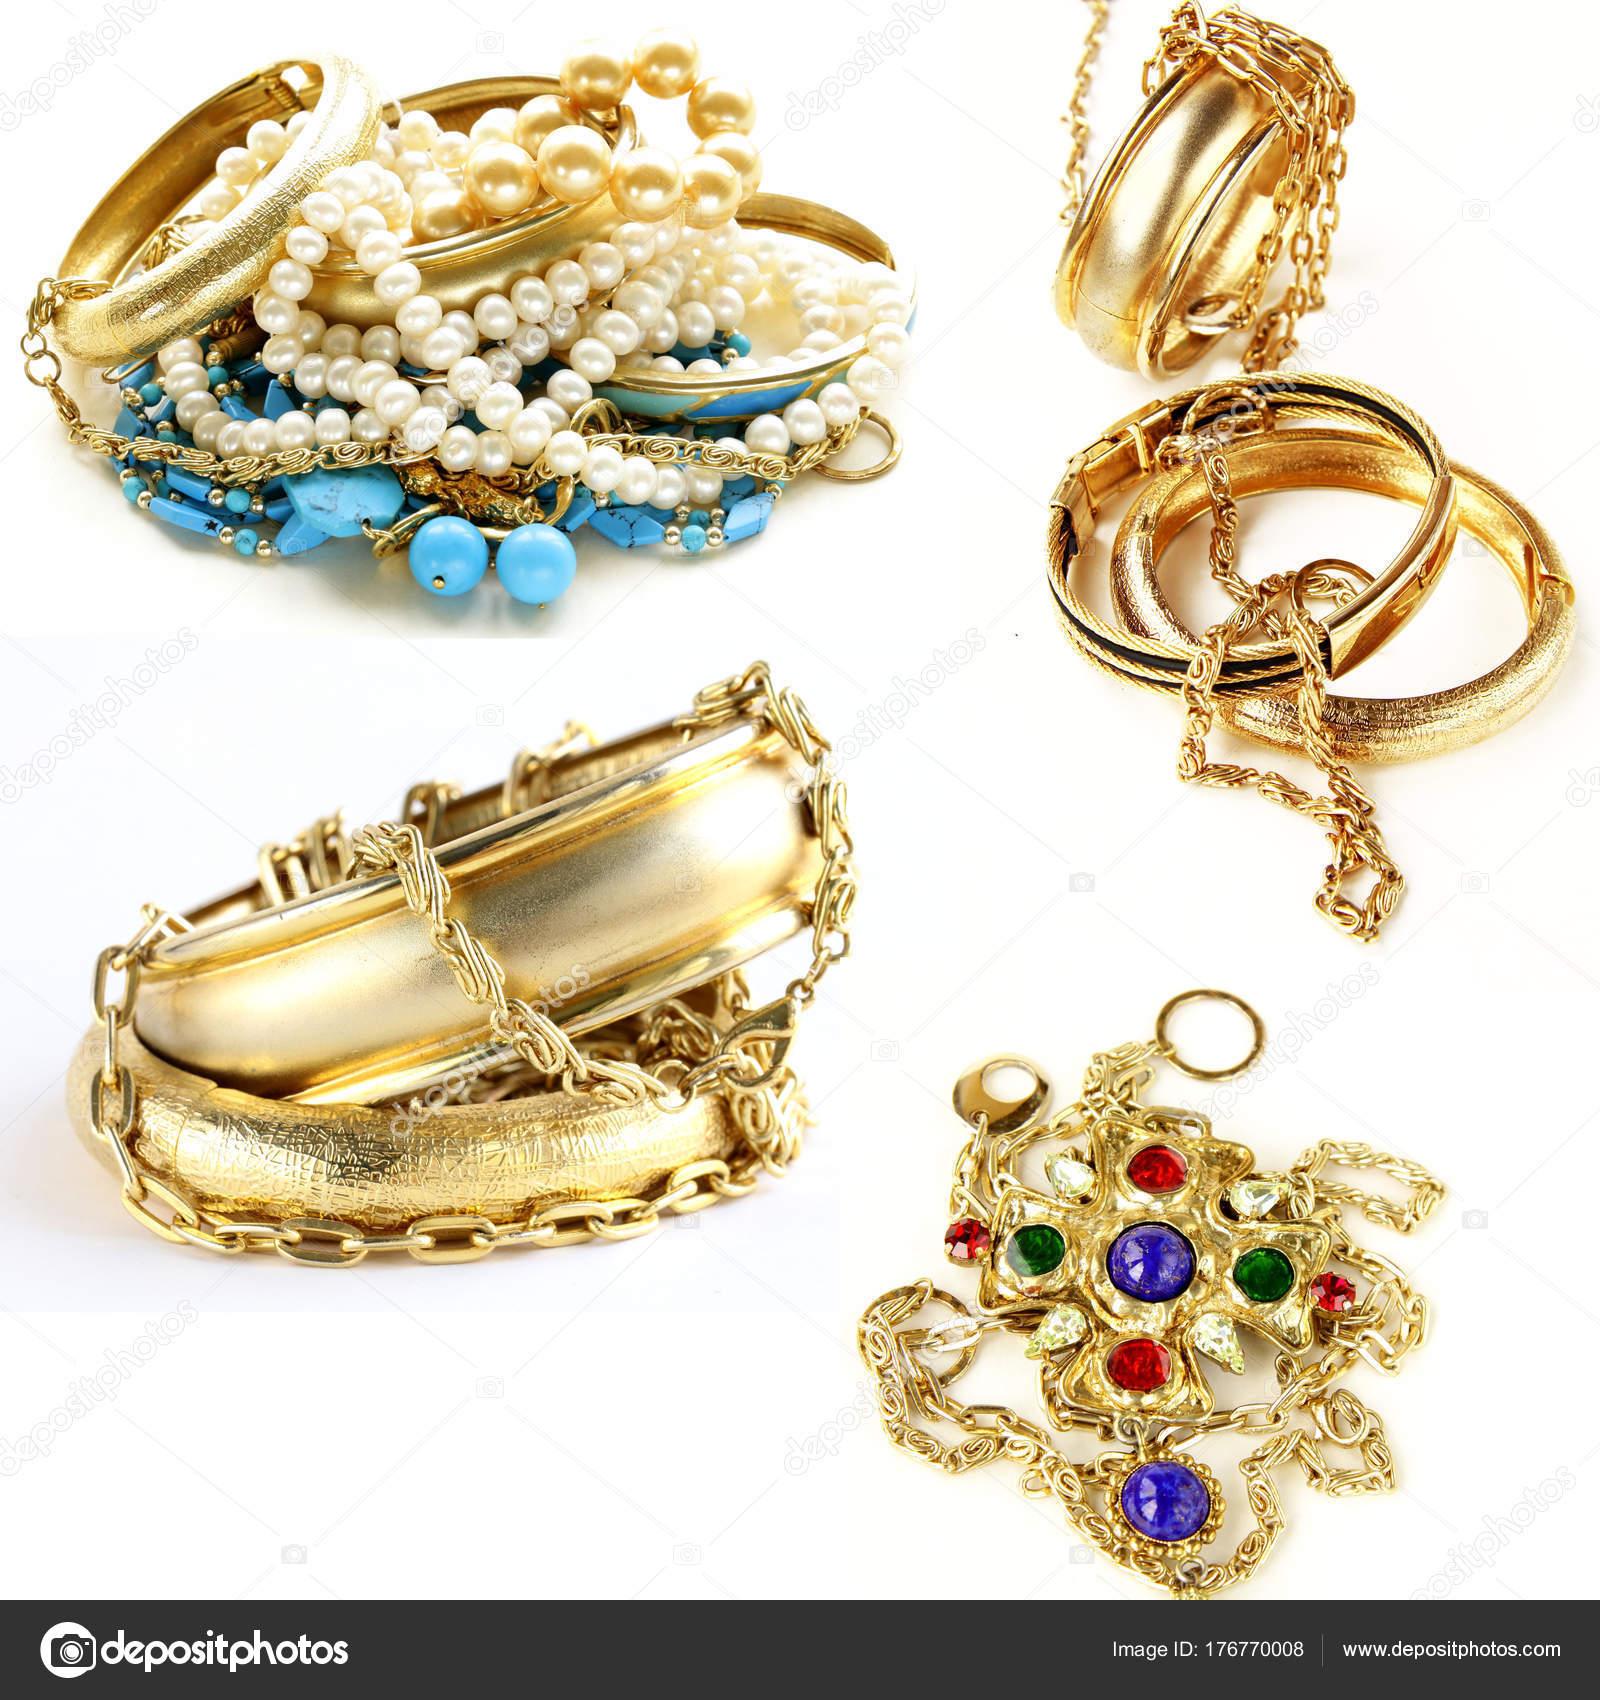 Zlaté Šperky Přívěsky Náramky Prsteny Řetízky — Stock Fotografie ... bf43f1eb8d8